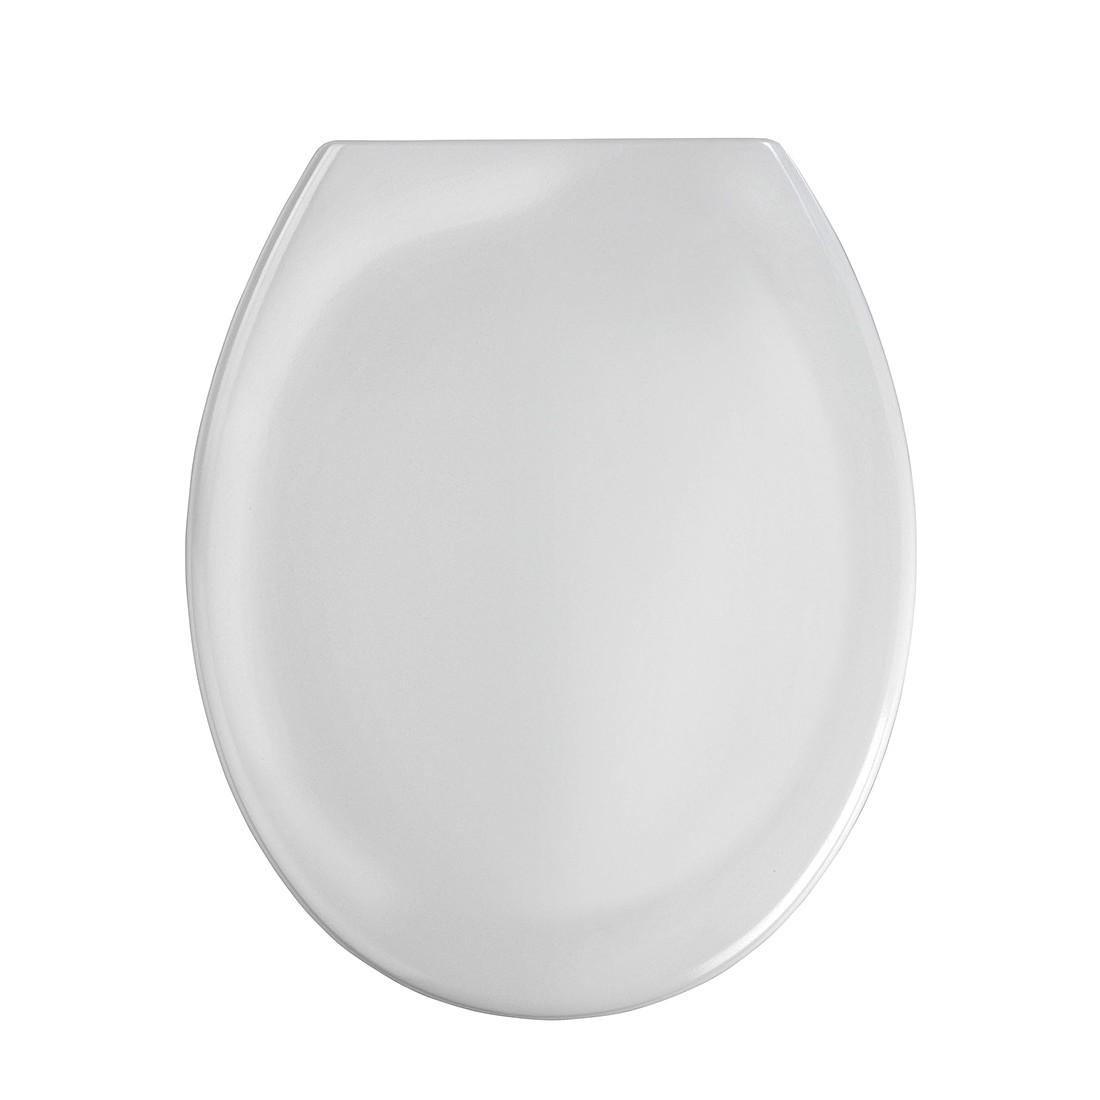 Premium wc-bril Ottana (soft-close) - lichtgrijs, Wenko